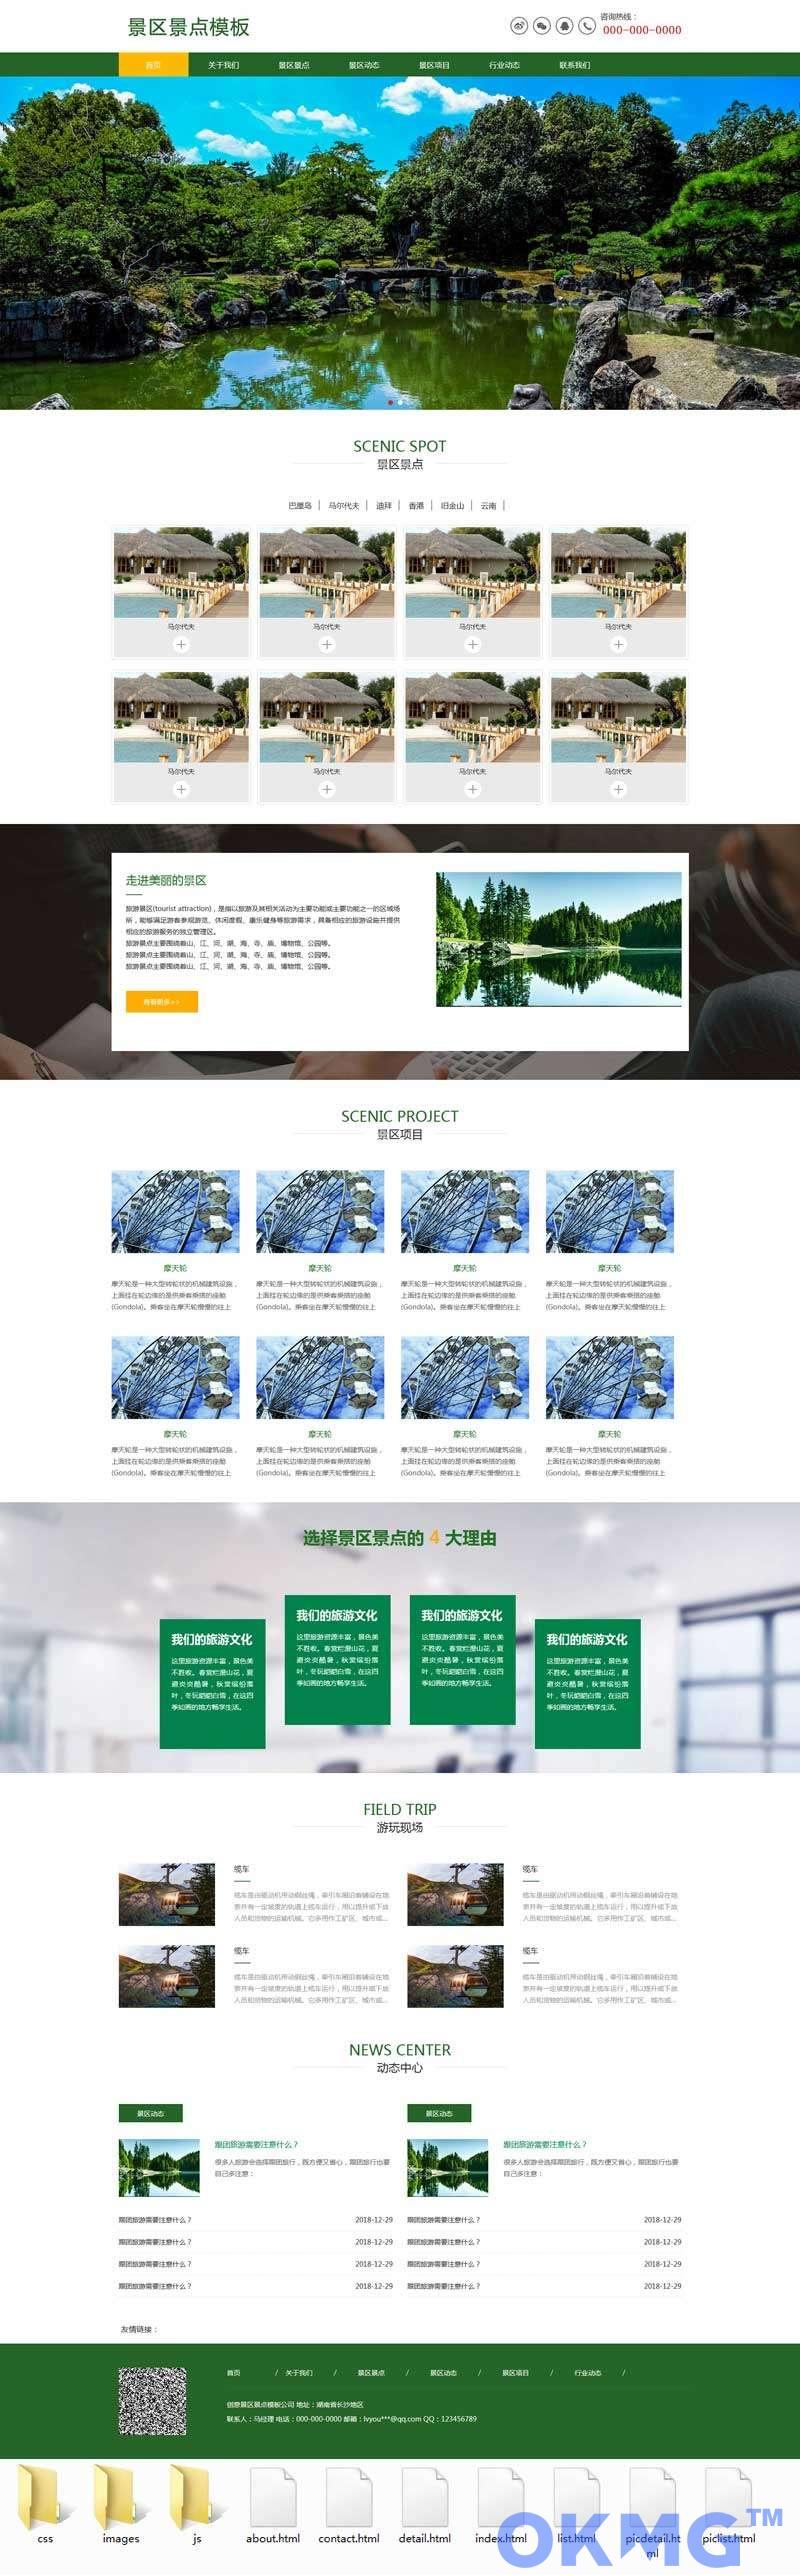 绿色的景区景点旅游官网html模板